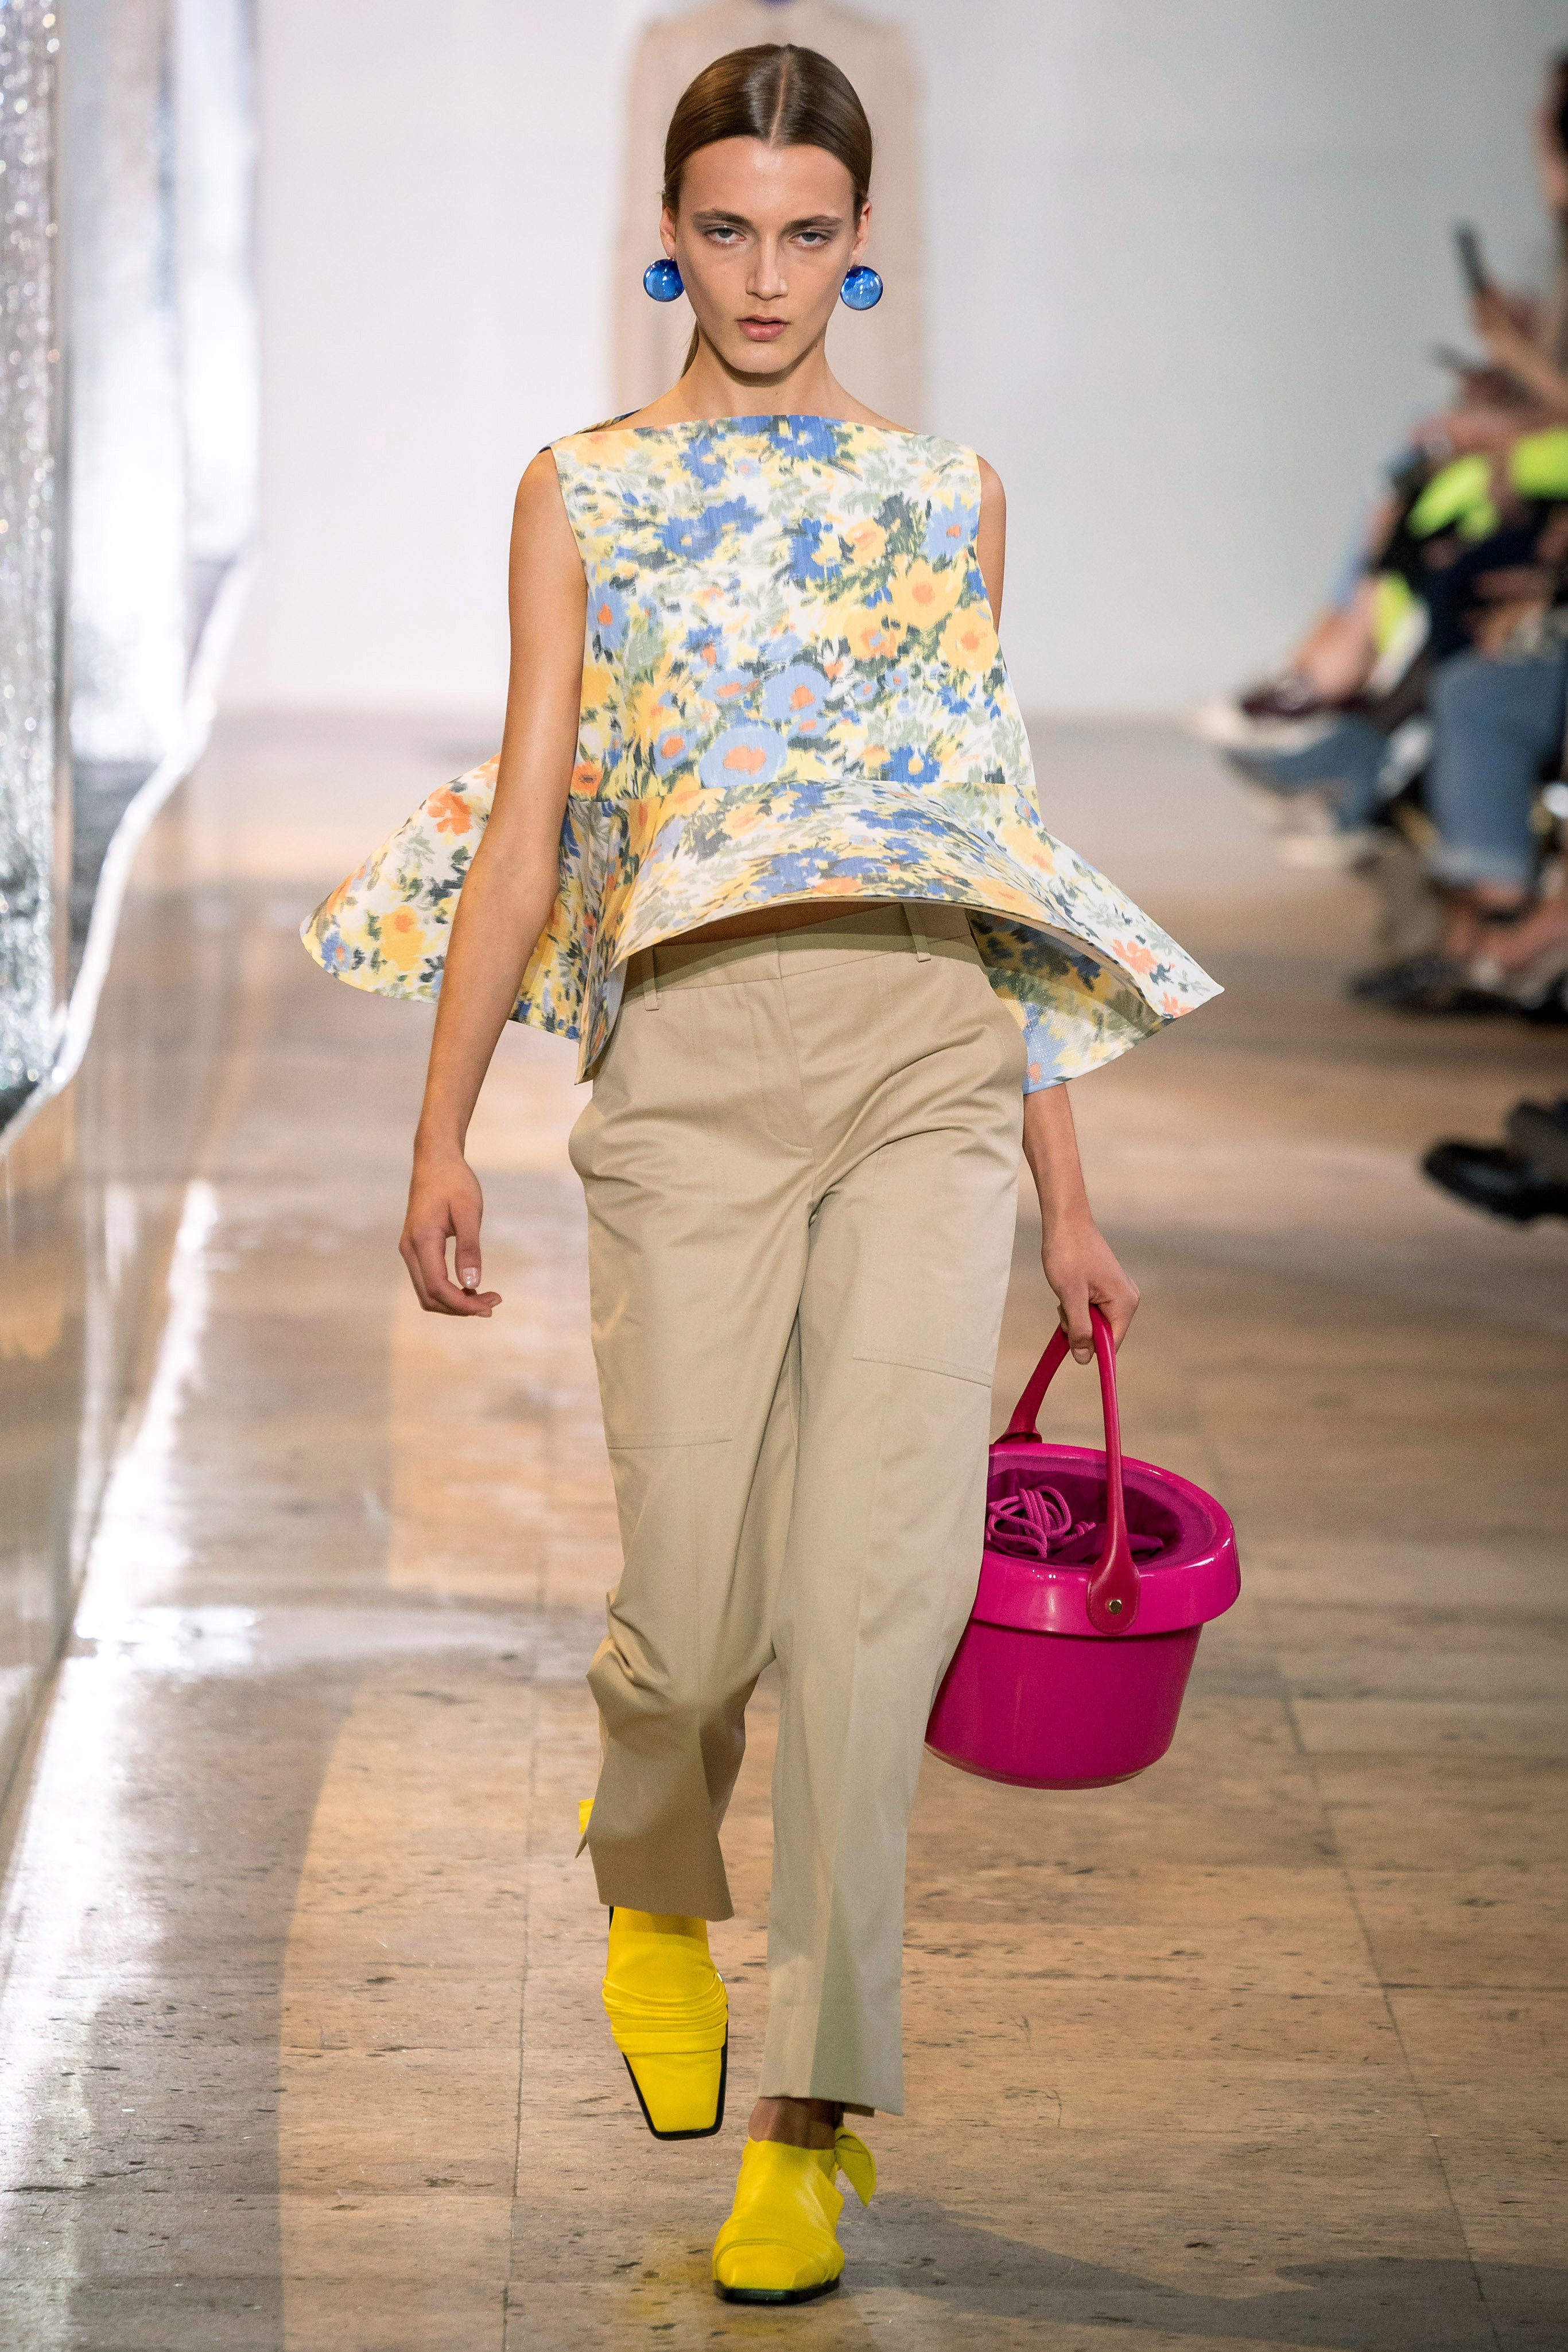 Nina ricci bucket hat spring summer 2020 runway